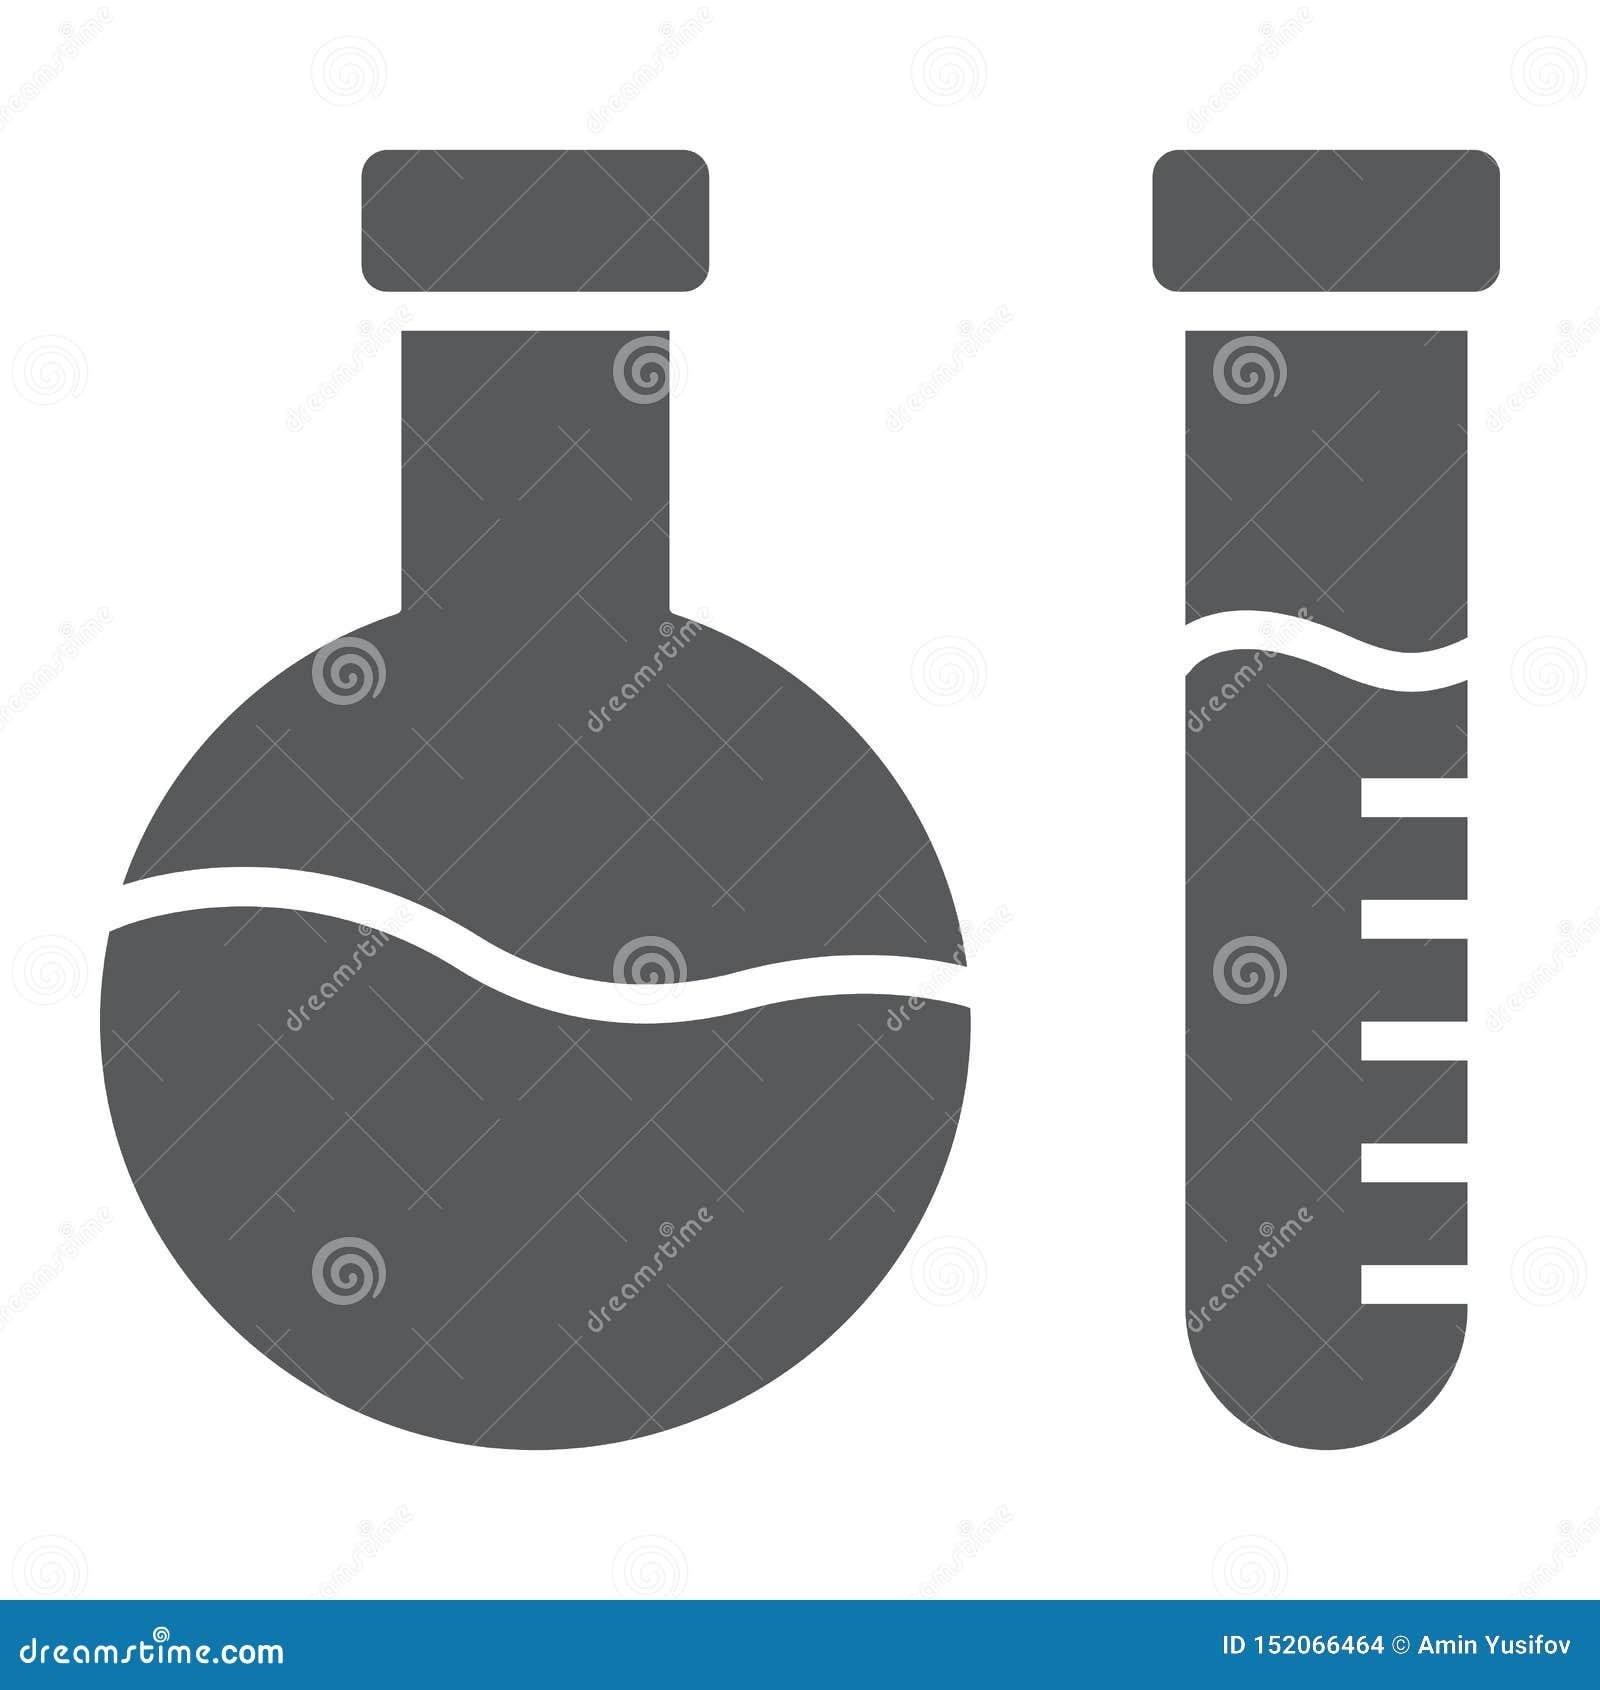 Ícone do glyph da análise química, laboratório e garrafa, sinal do teste do tubo, gráficos de vetor, um teste padrão contínuo em